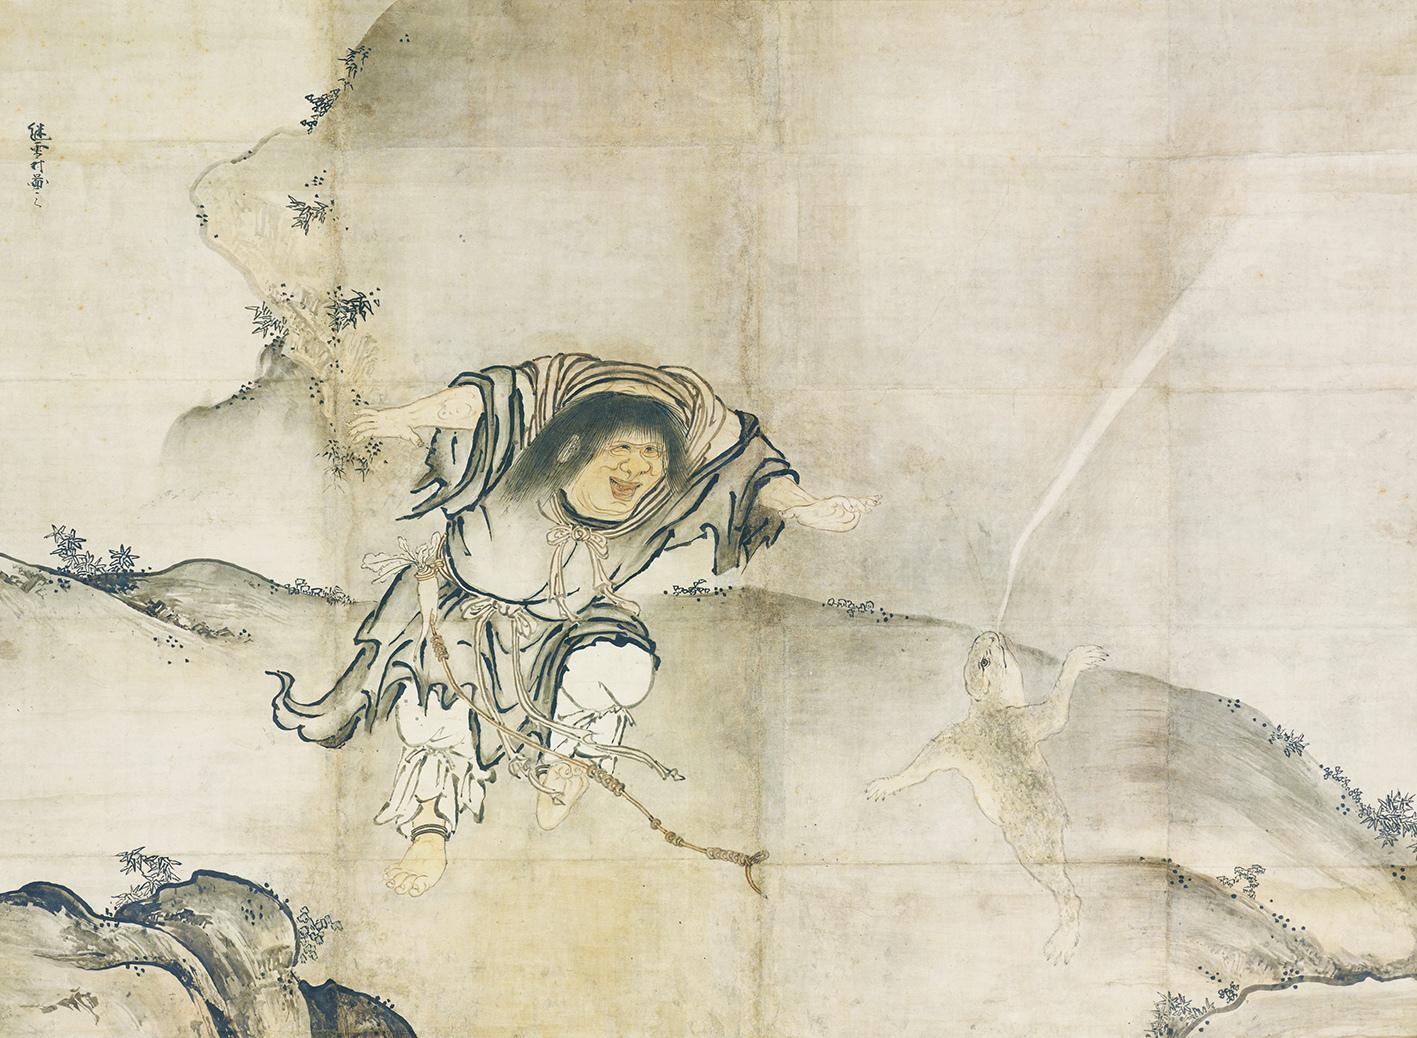 雪村筆 《蝦蟇鉄拐図》(左) 2幅 各151.5×205.9cm 東京国立博物館蔵Image:TNM   Image Archives 【展示期間:3月28日~4月23日】